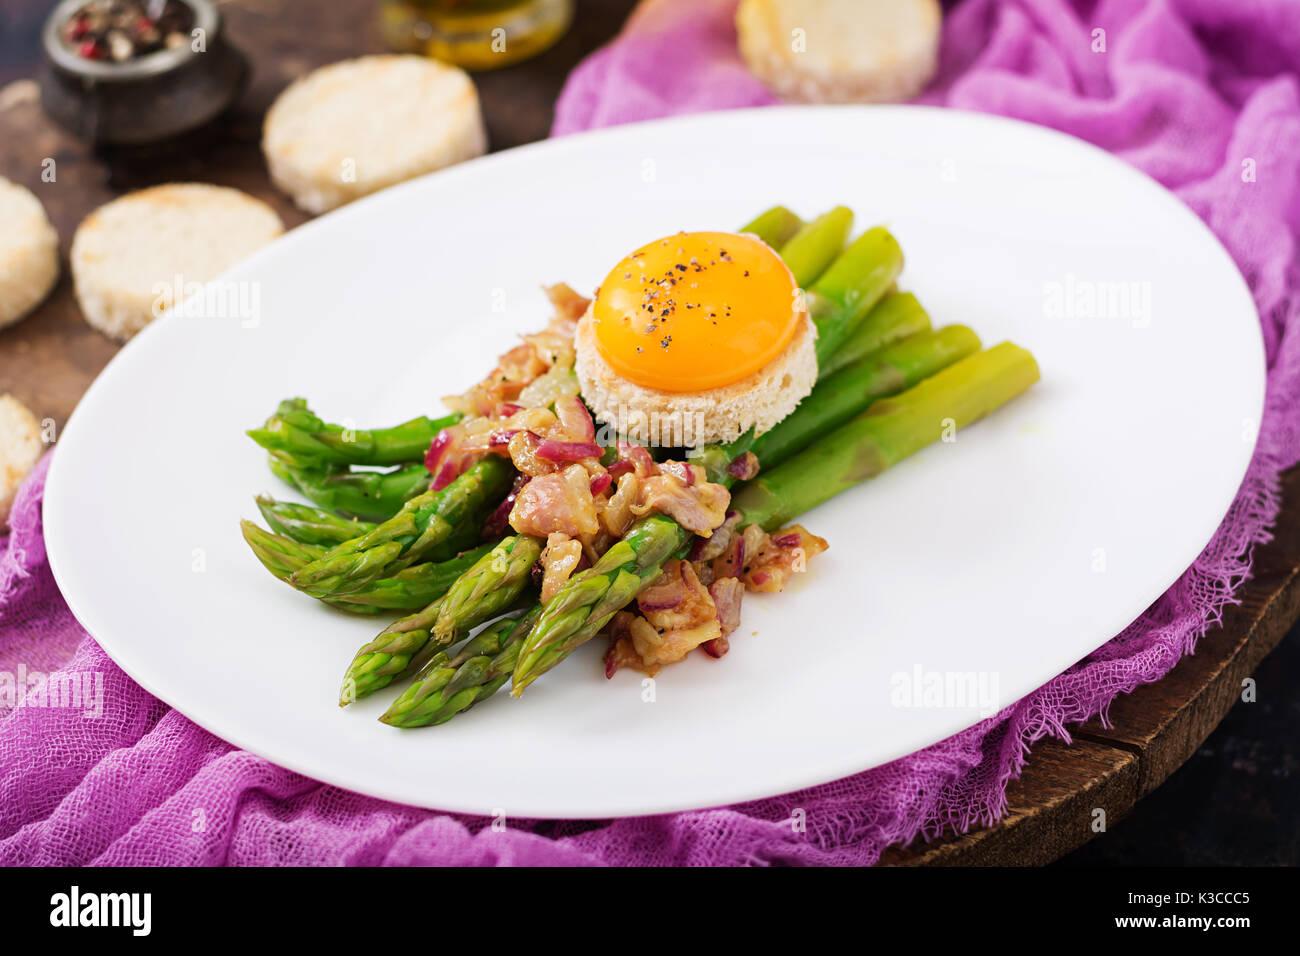 Los retoños de espárragos con jamón y la yema de huevo de gallina en tostadas Foto de stock